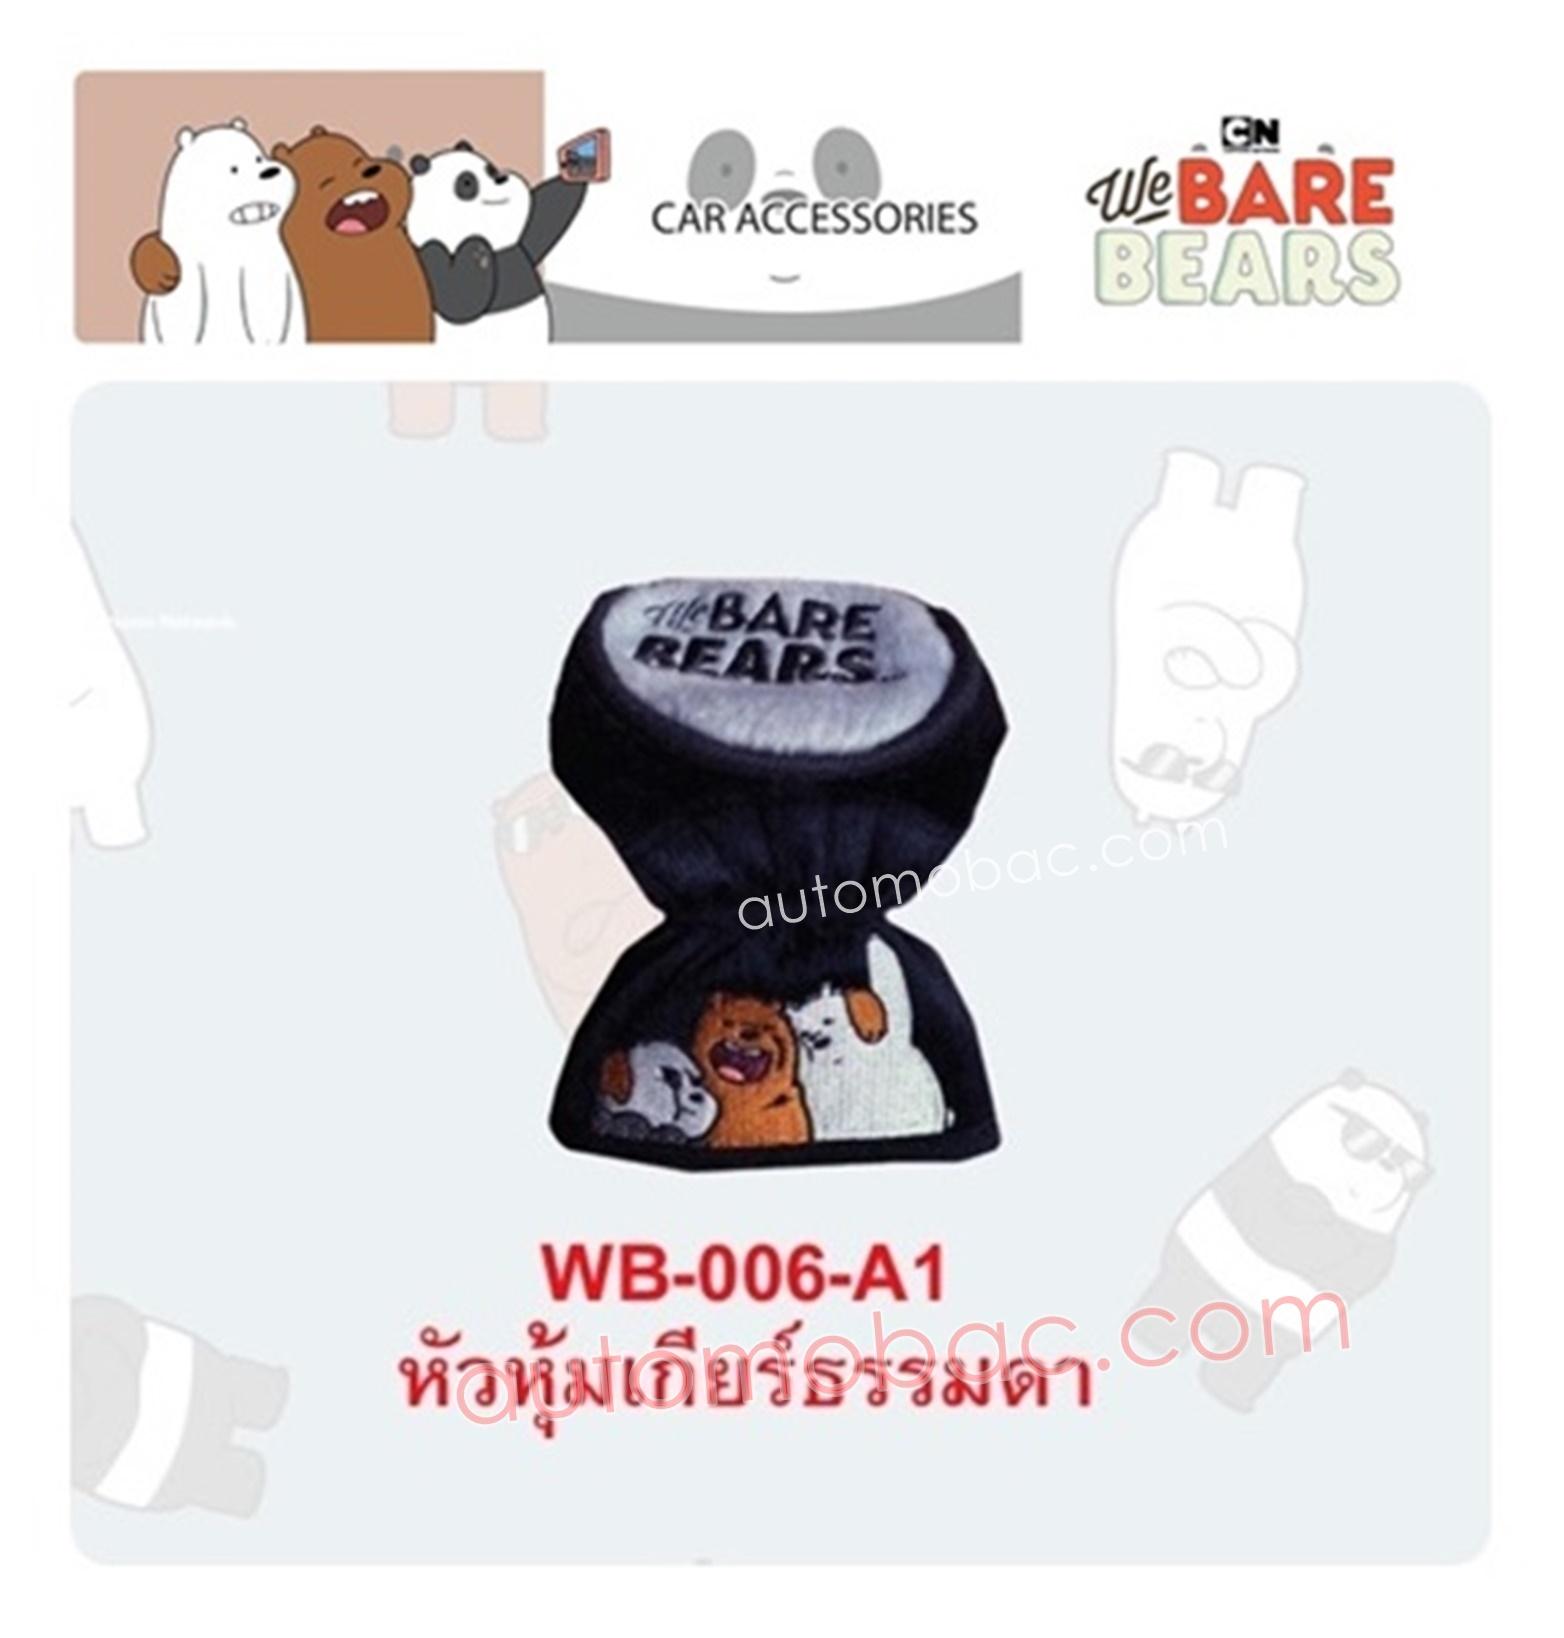 We Bare Bears ที่หุ้มเกียร์ ใช้หุ้มหัวเบาะรถยนต์ ปกป้องหัวเบาะจากความร้อน รอยขีดข่วน ลิขสิทธิ